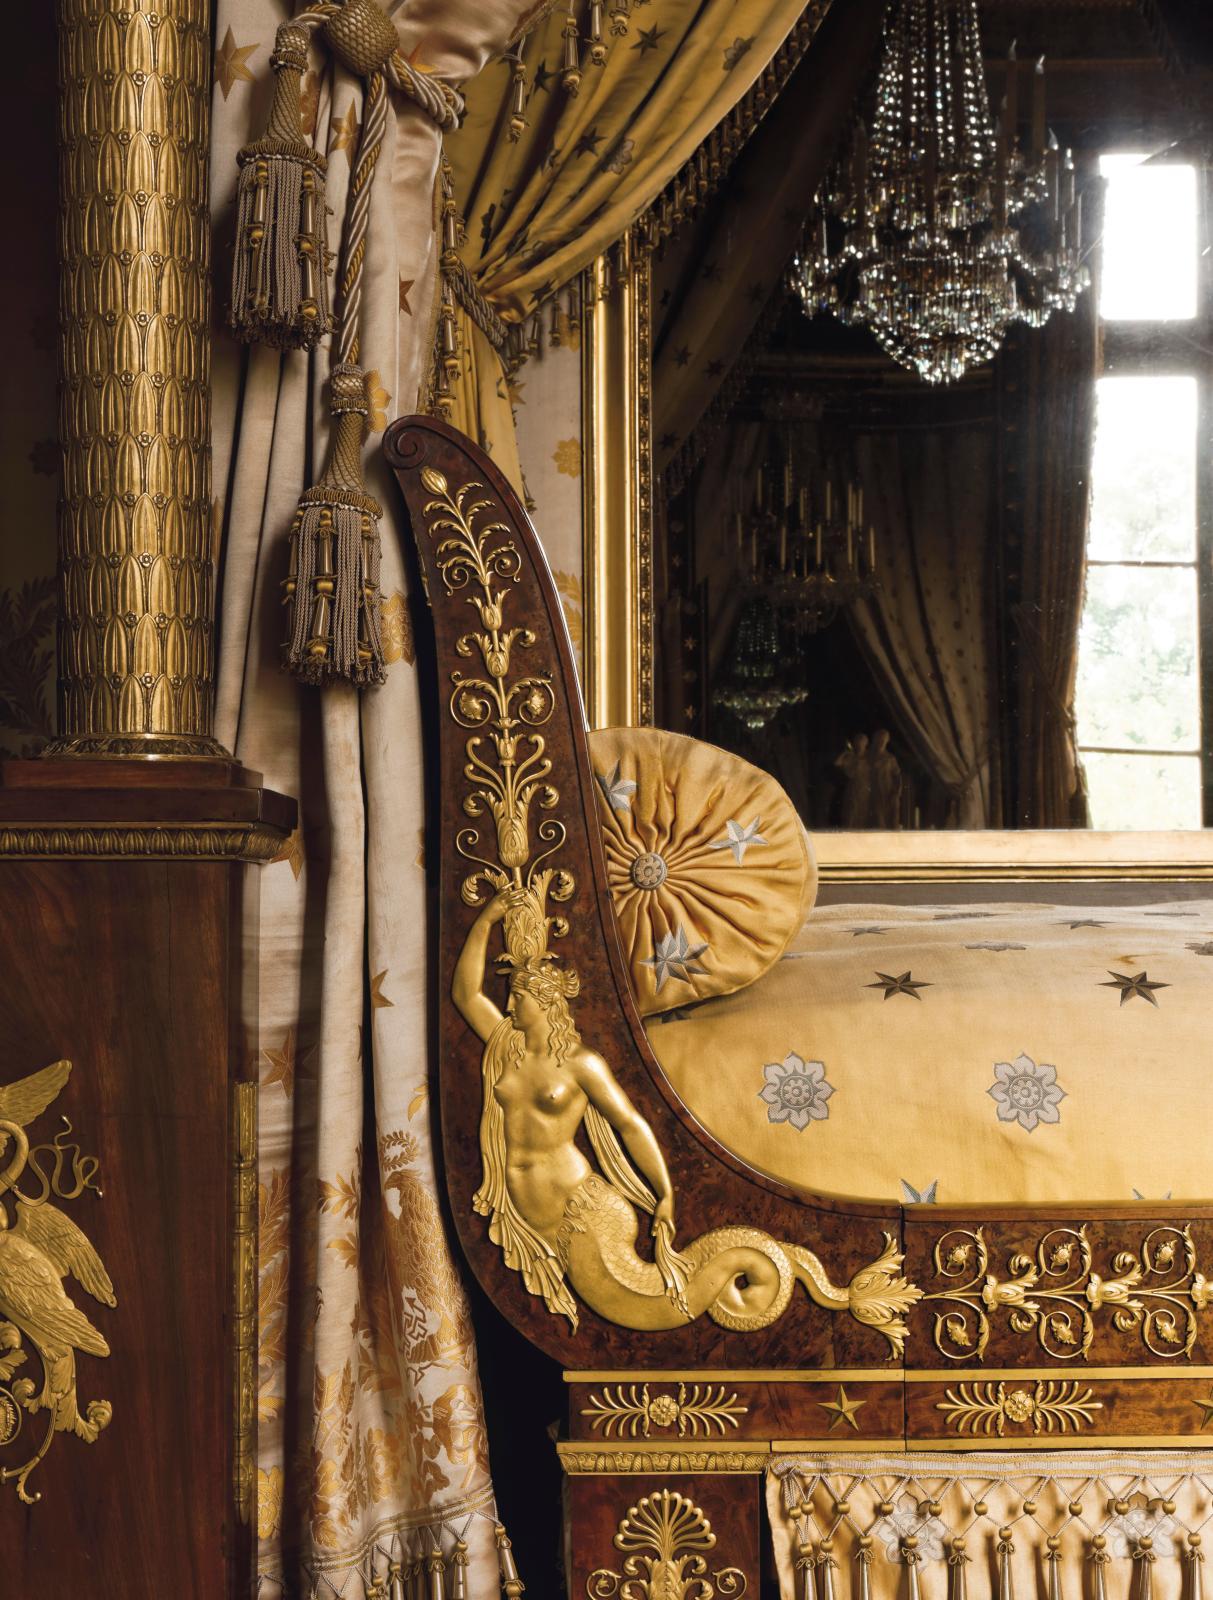 Lit de parade de la chambre à coucher d'apparat, attribué à Jacob-Desmalter (détail).